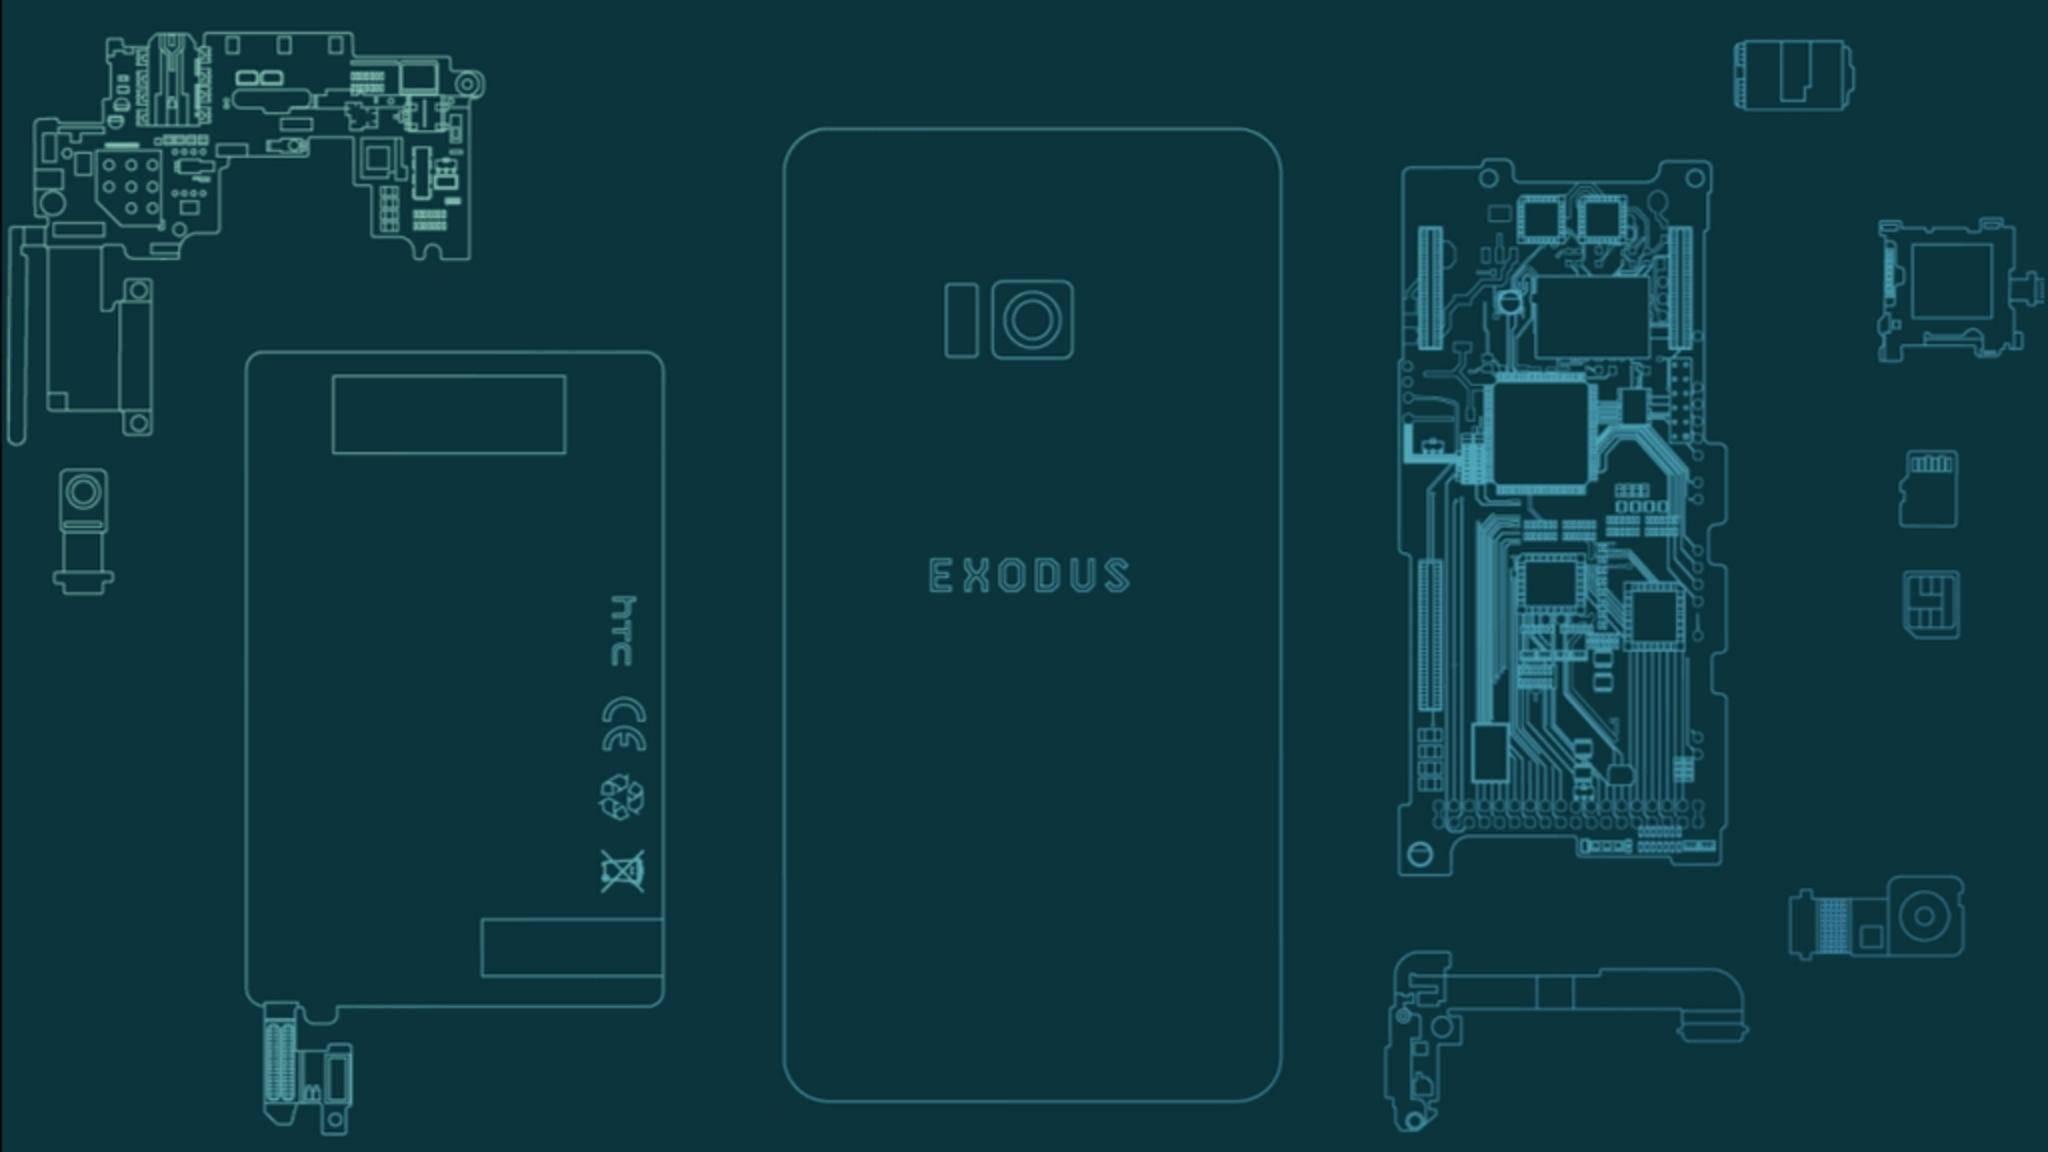 Vom HTC Exodus existieren bislang nur mysteriöse Skizzen.